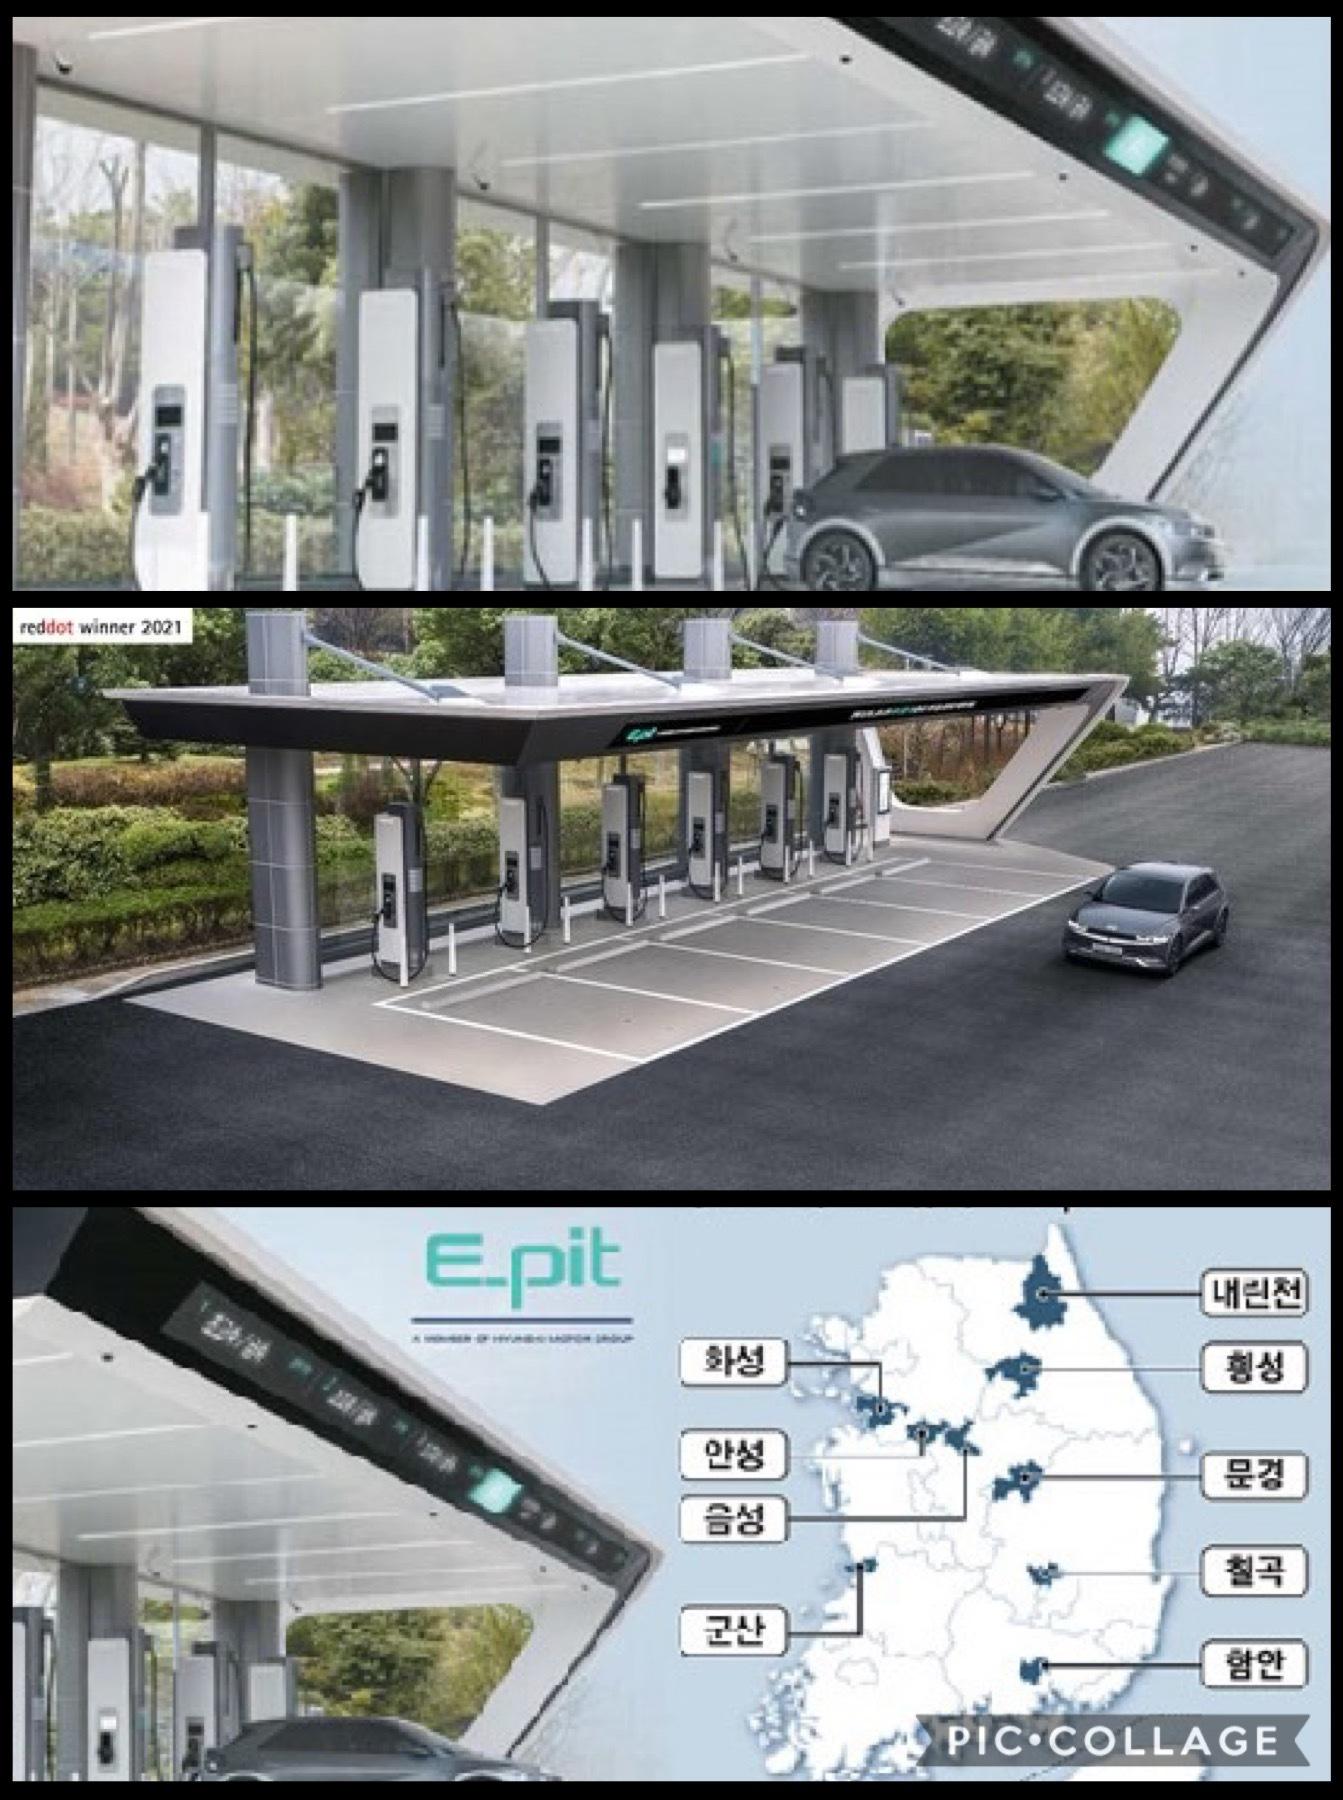 韓国 現代自動車ヴァンEV高速充電システム e-bit